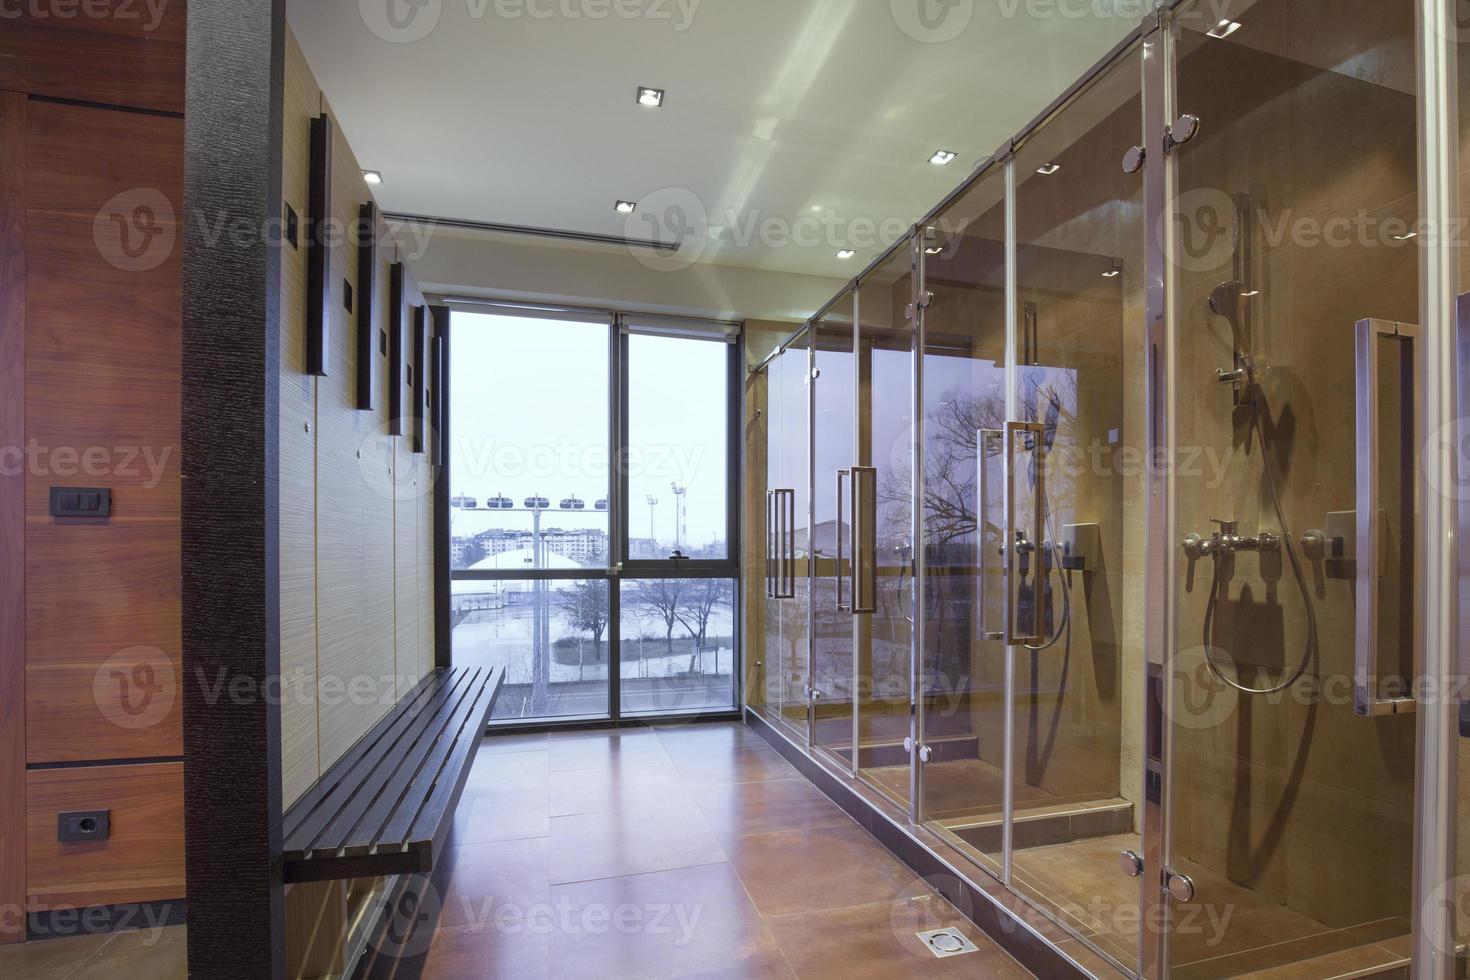 casier de spa de remise en forme et salle de douche photo